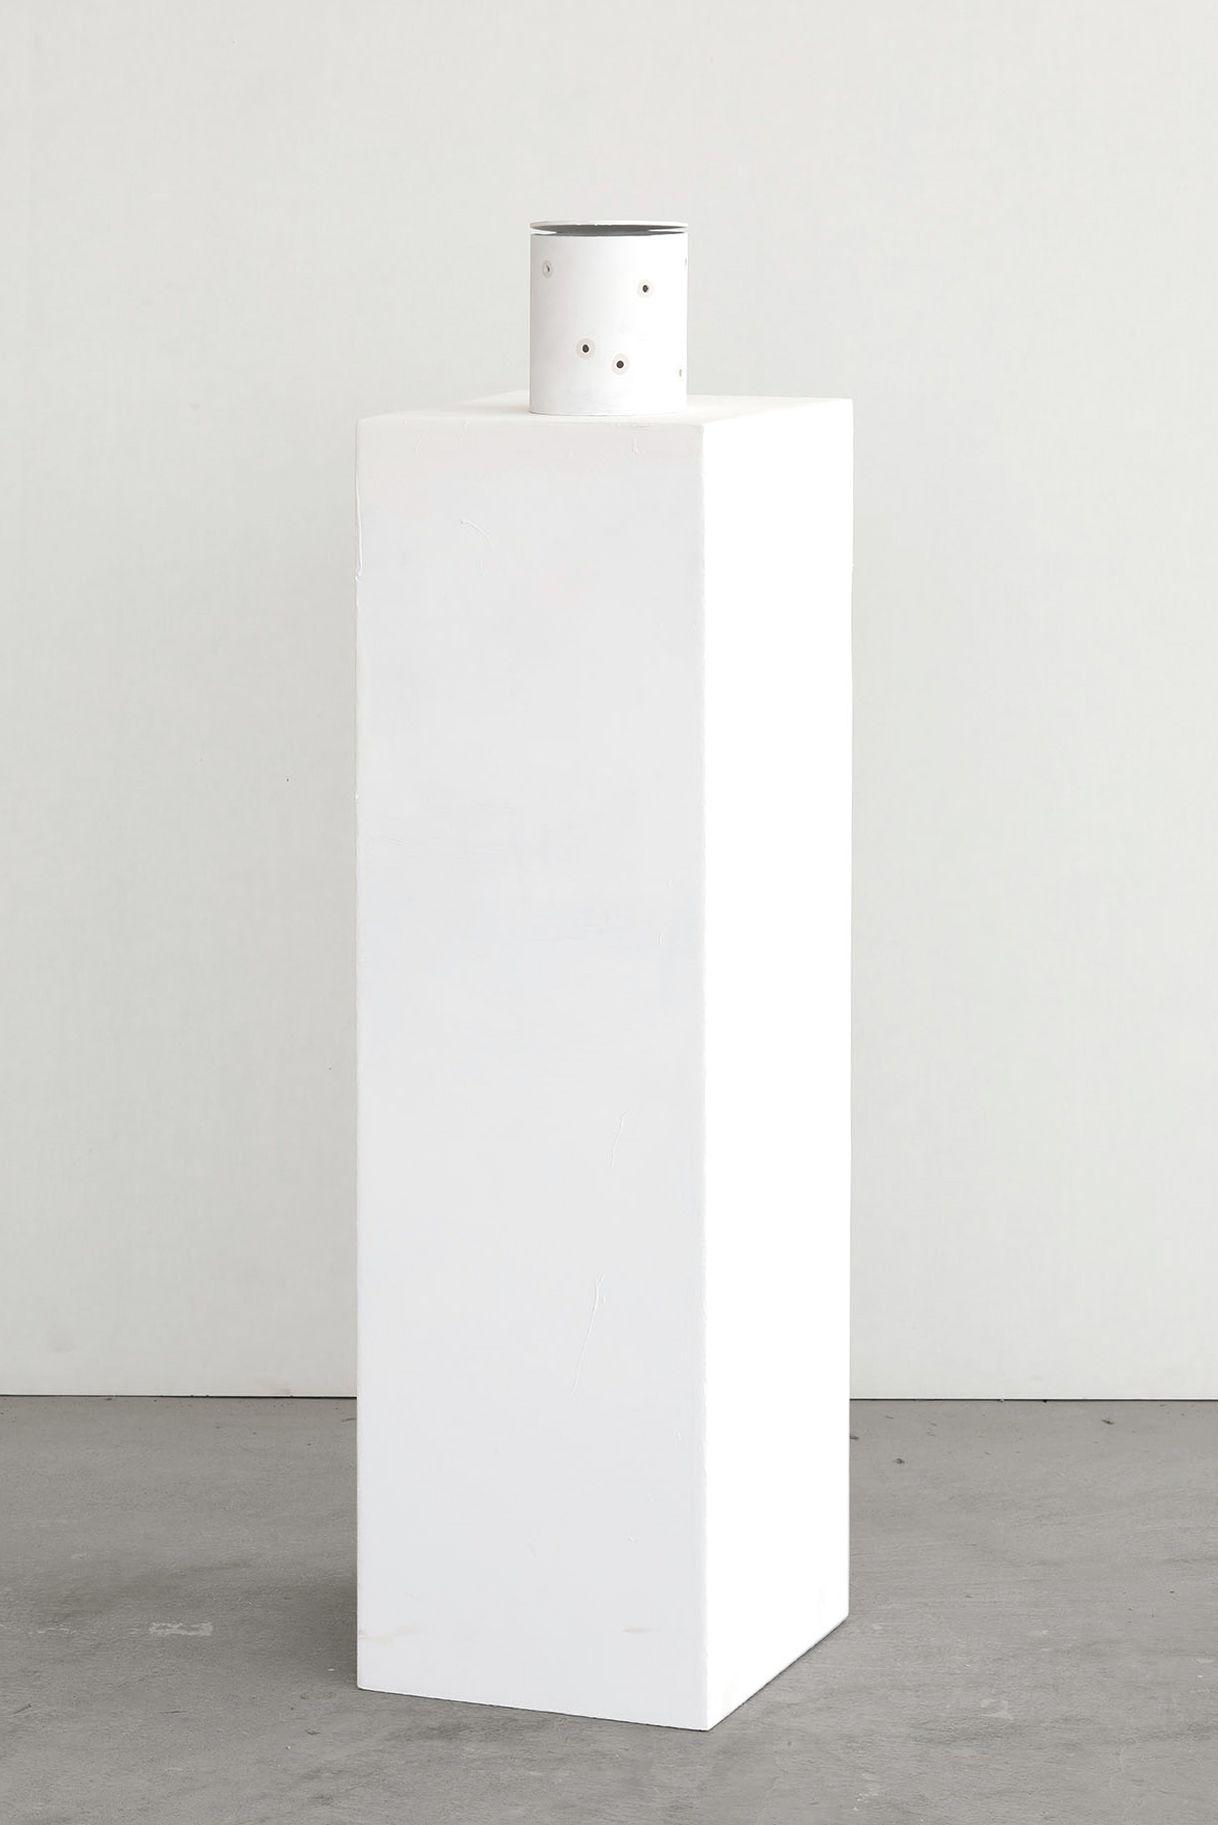 Peter Fischli – Peter Fischli – London